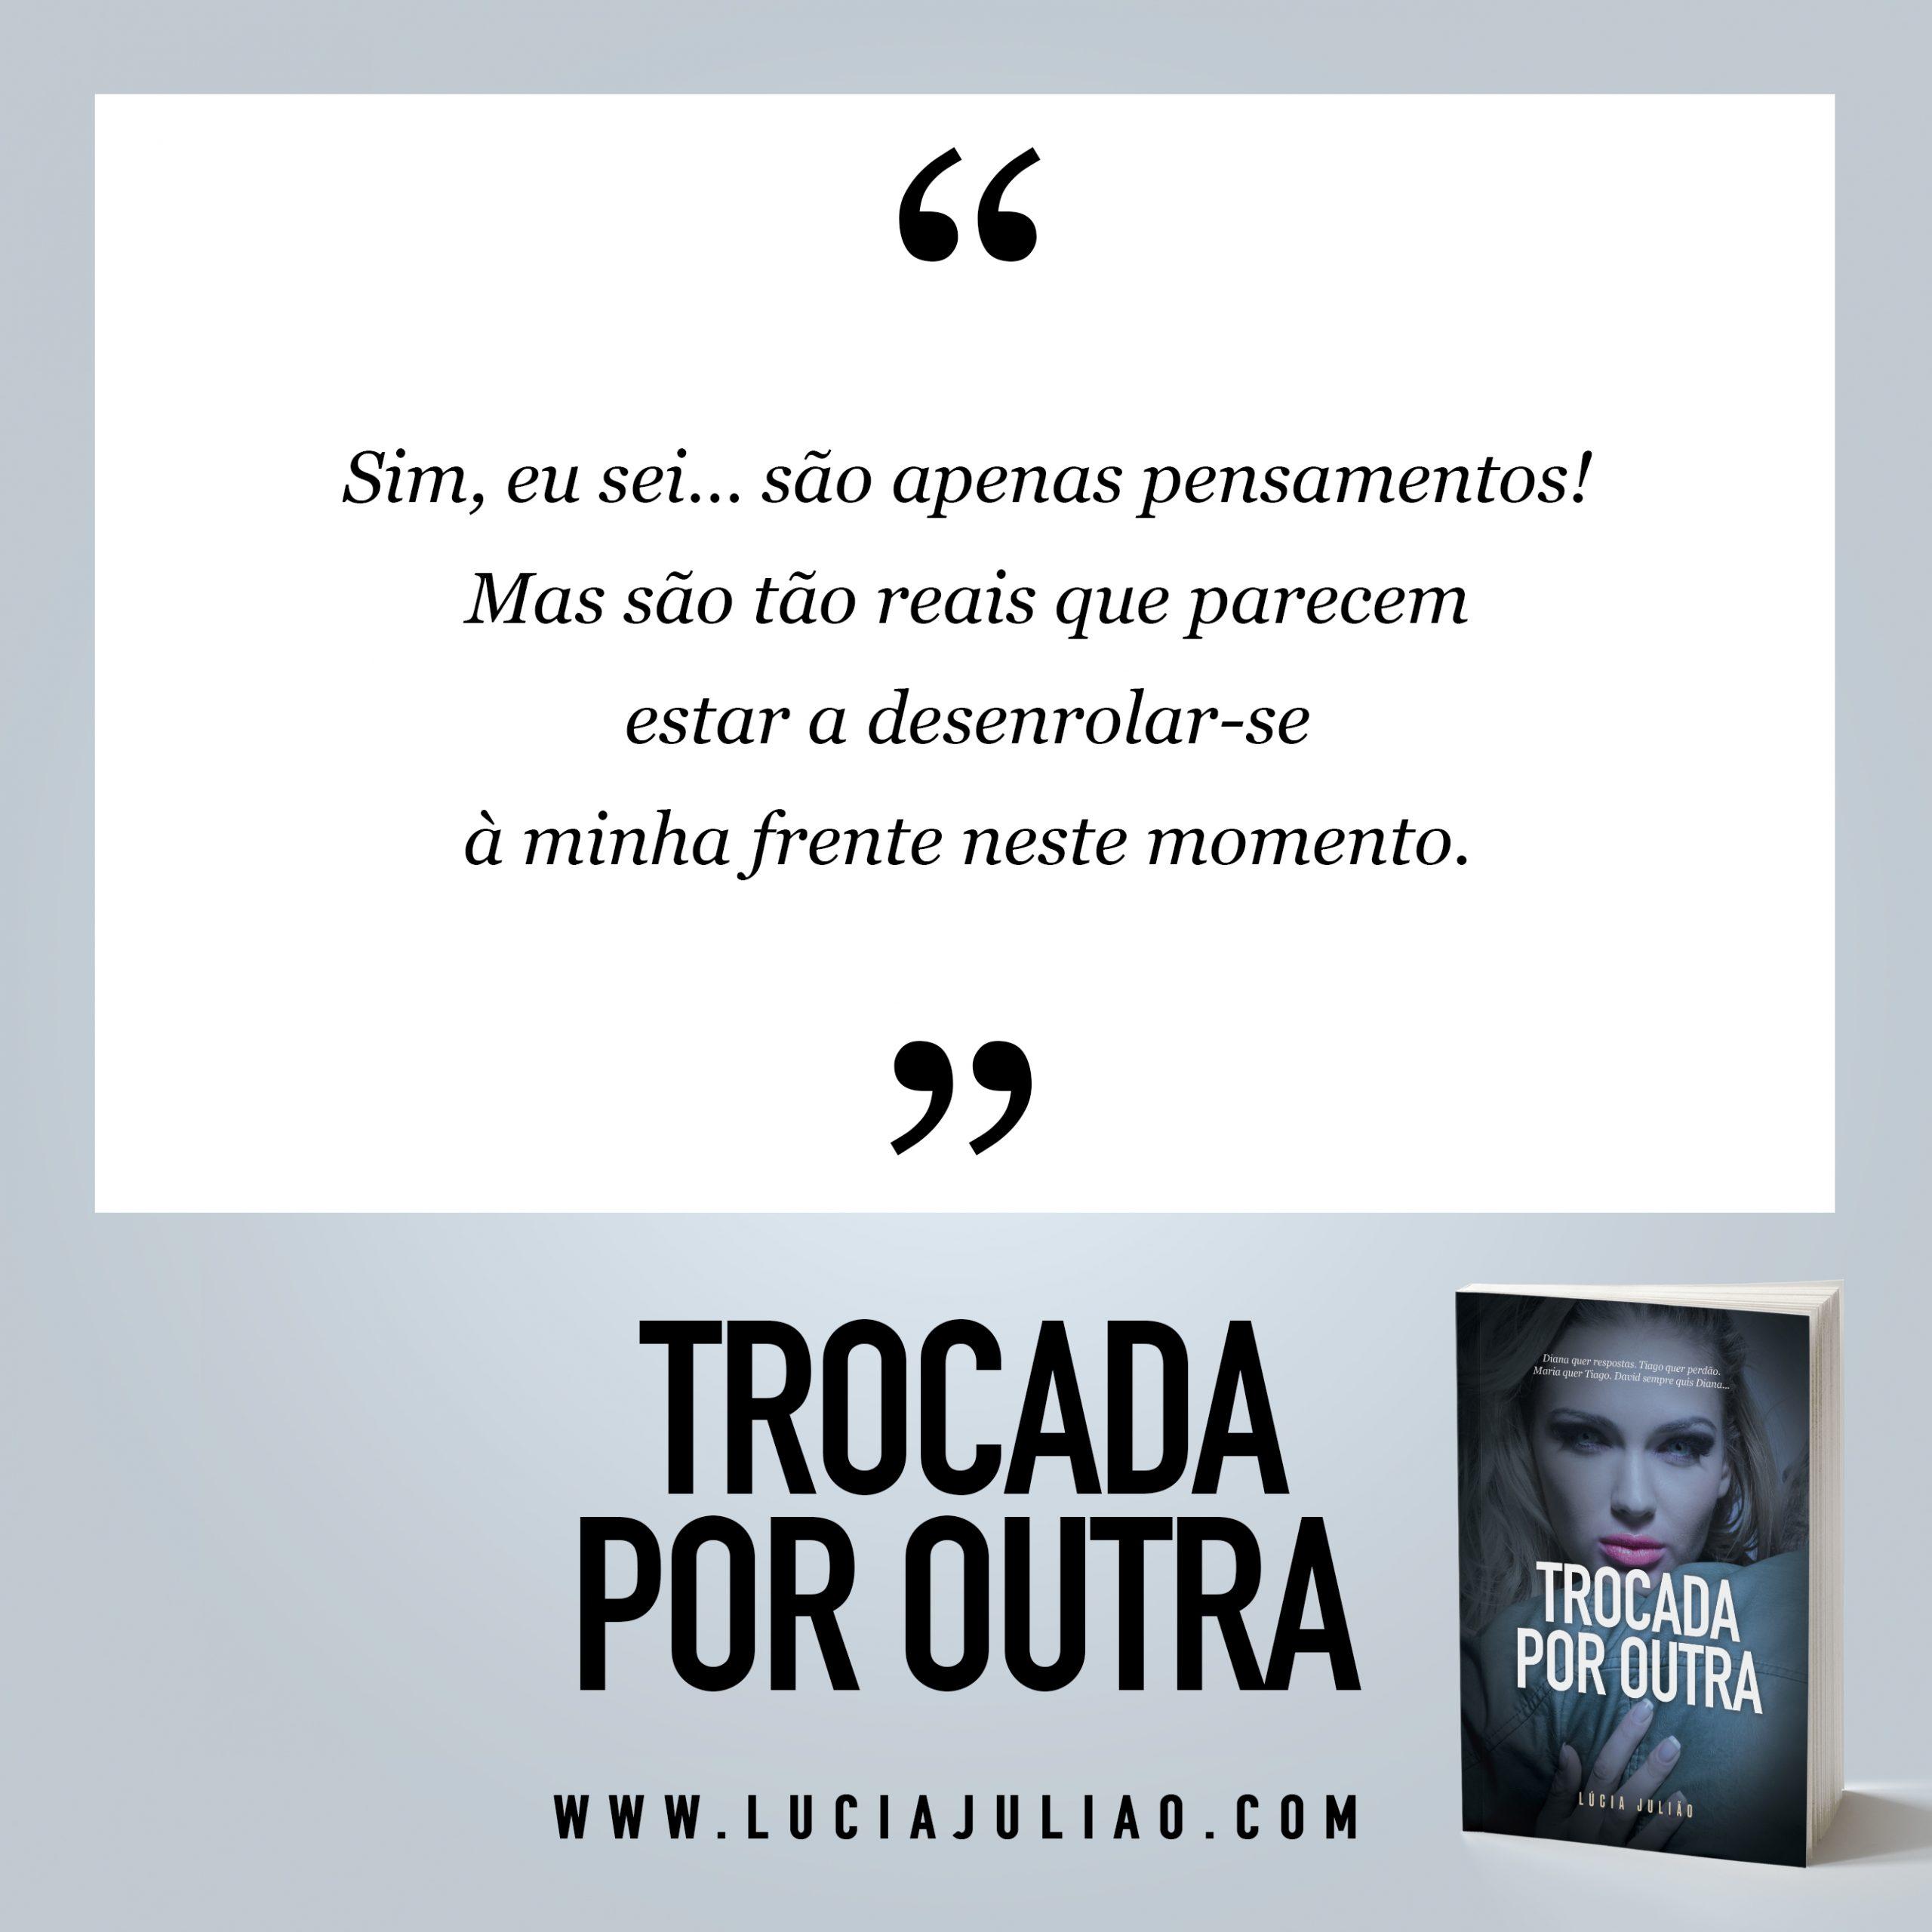 035Q - capitulo 10 Trocada por outra - Lúcia Julião